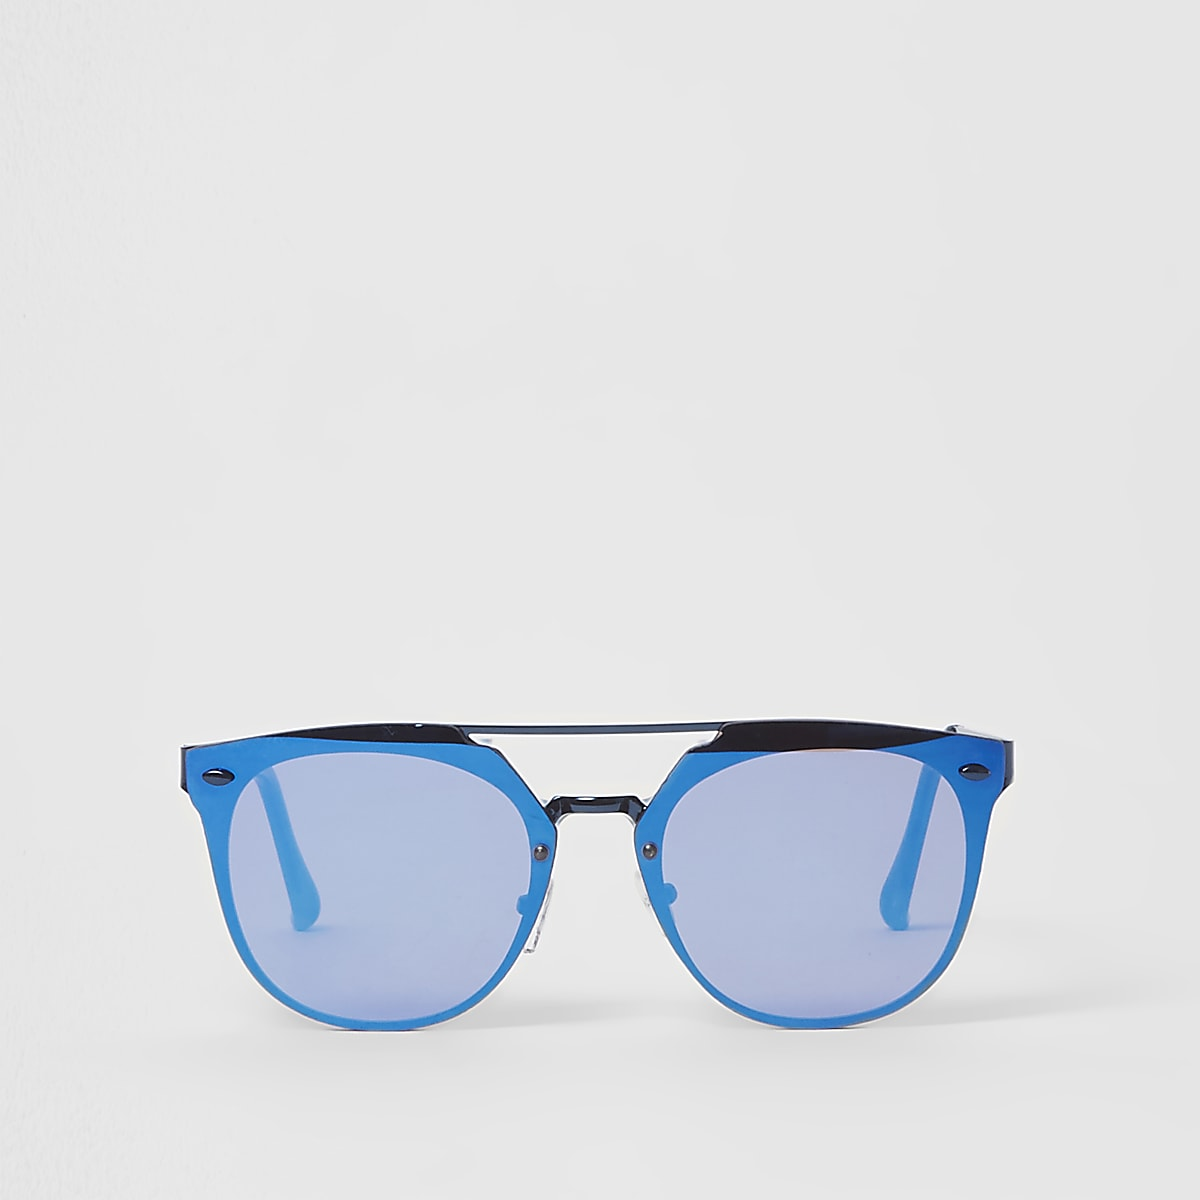 Blue lens aviator sunglasses